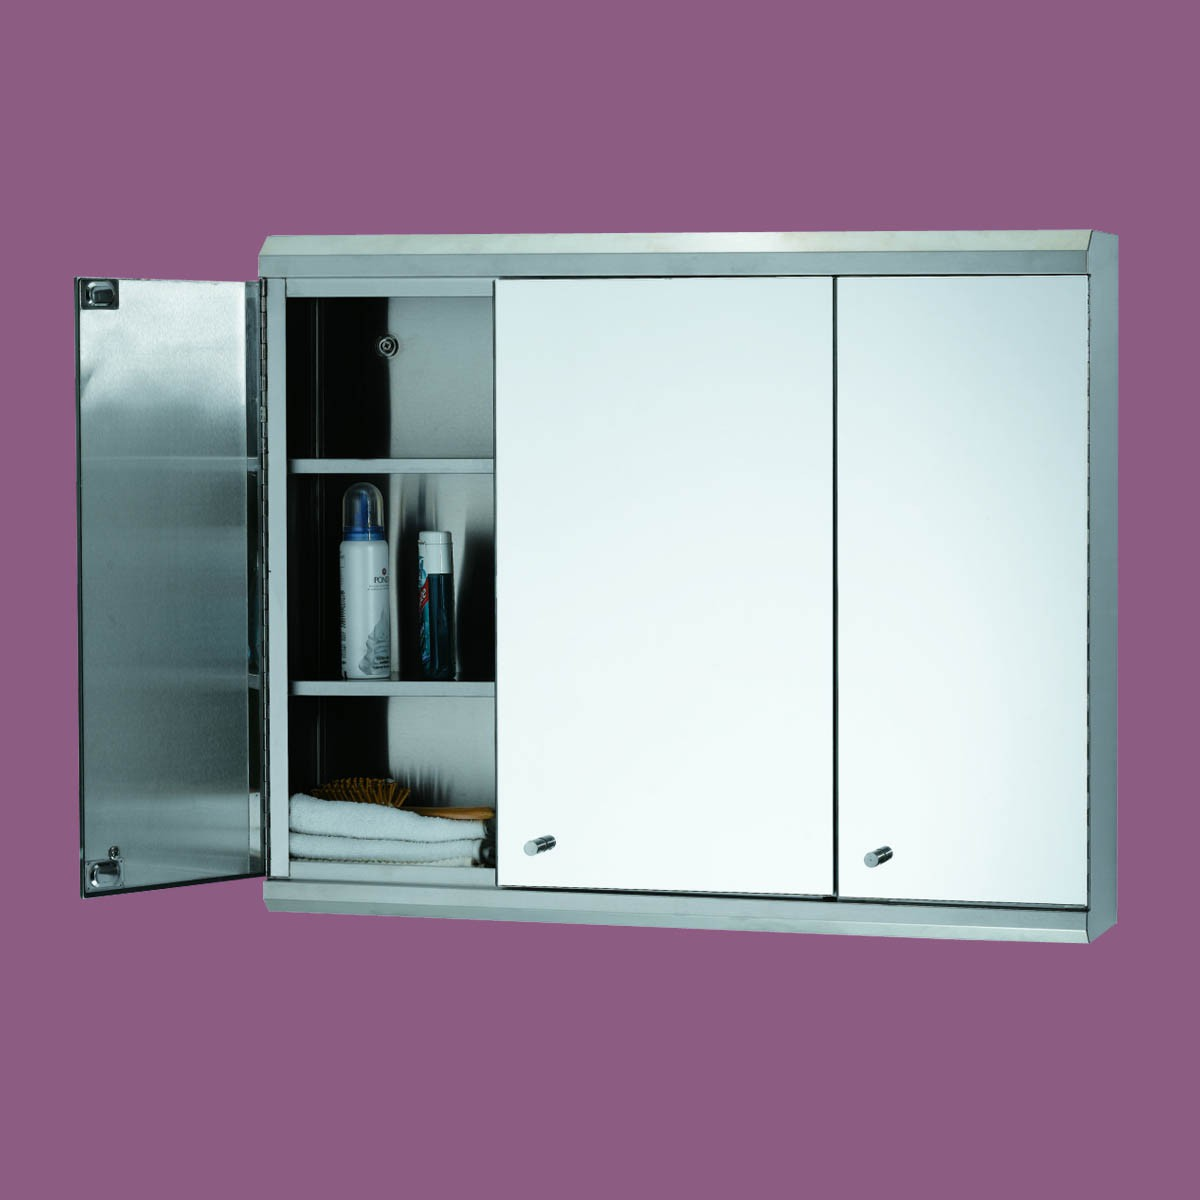 48 Bathroom Medicine Cabinet Three Door Polished Stainless Steel Medicine Cabinet Triple Door Stainless Steel